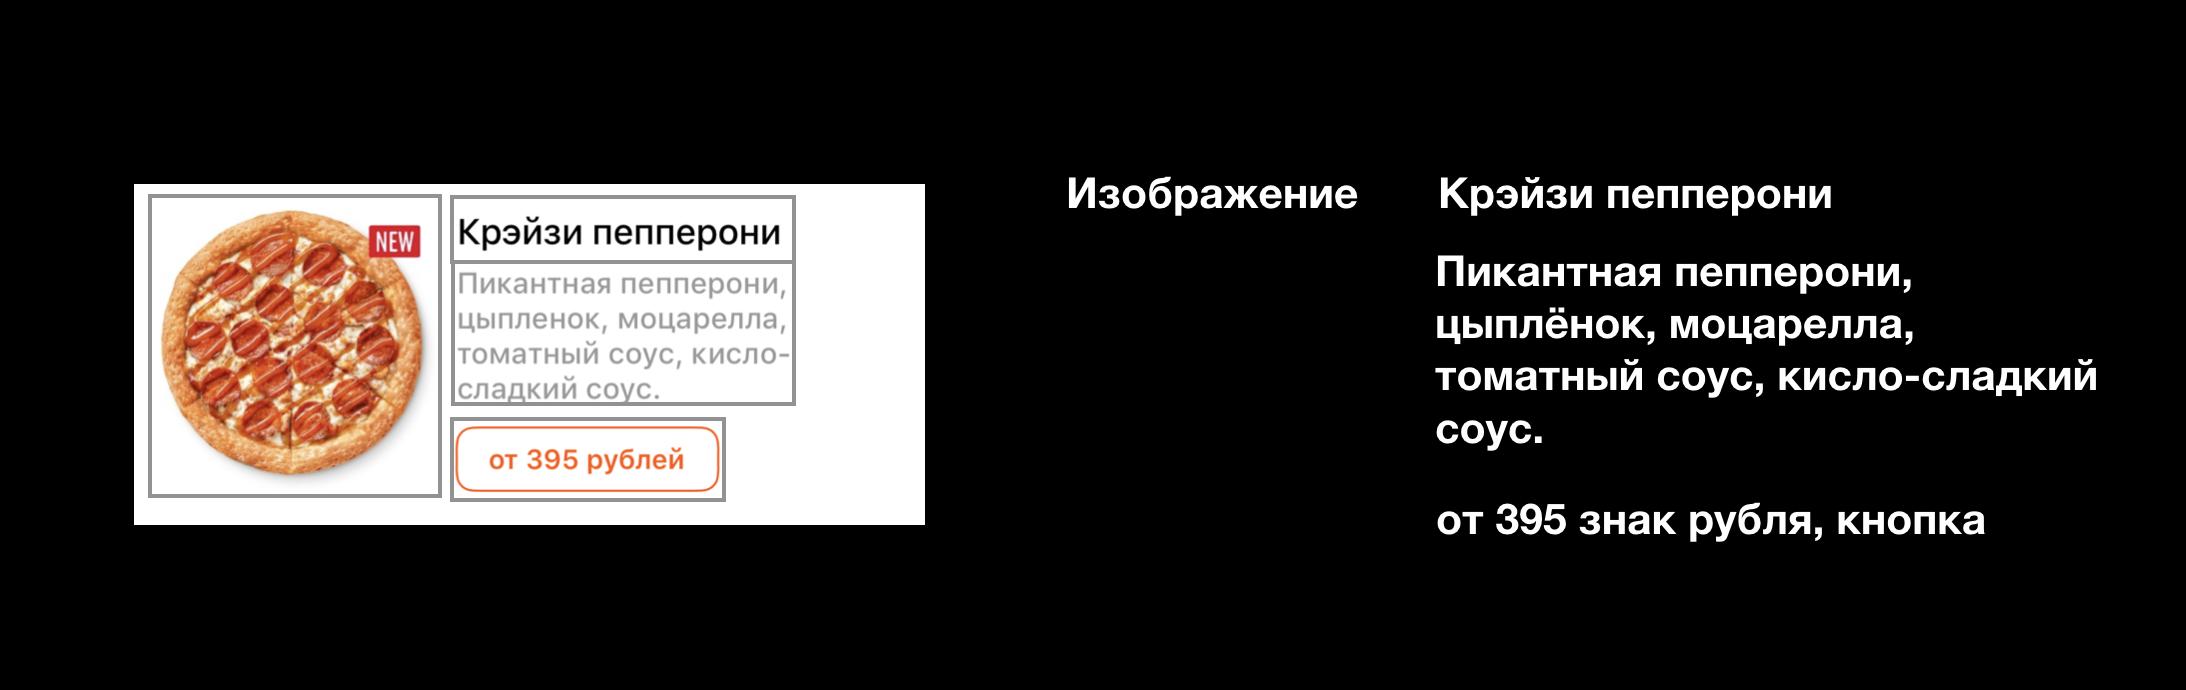 Ячейка меню, в которой элементы не сгруппированы